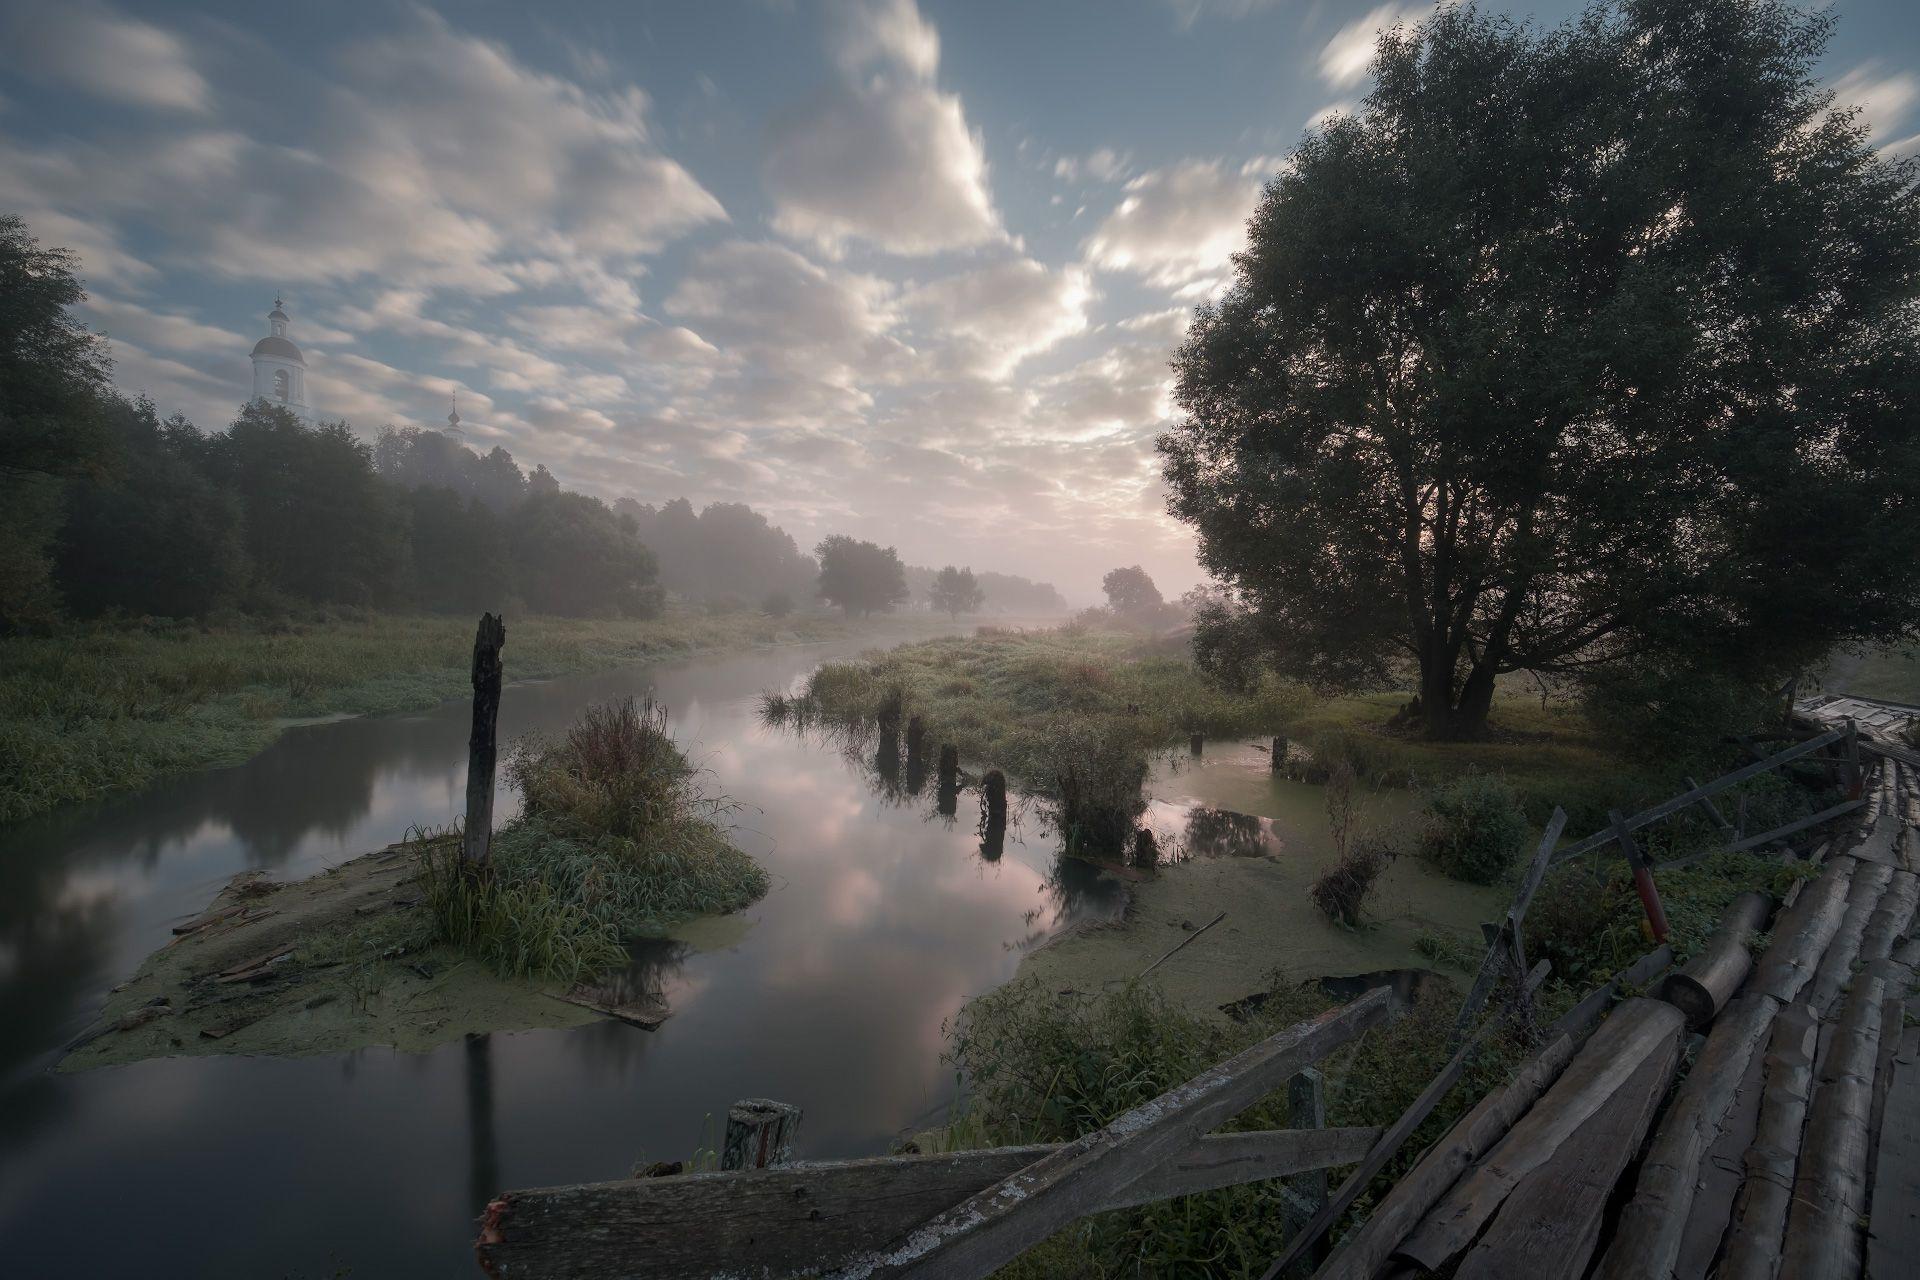 утро, рассвет, река, шерна, филипповское, село, туман, природа, пейзаж, Чиж Андрей